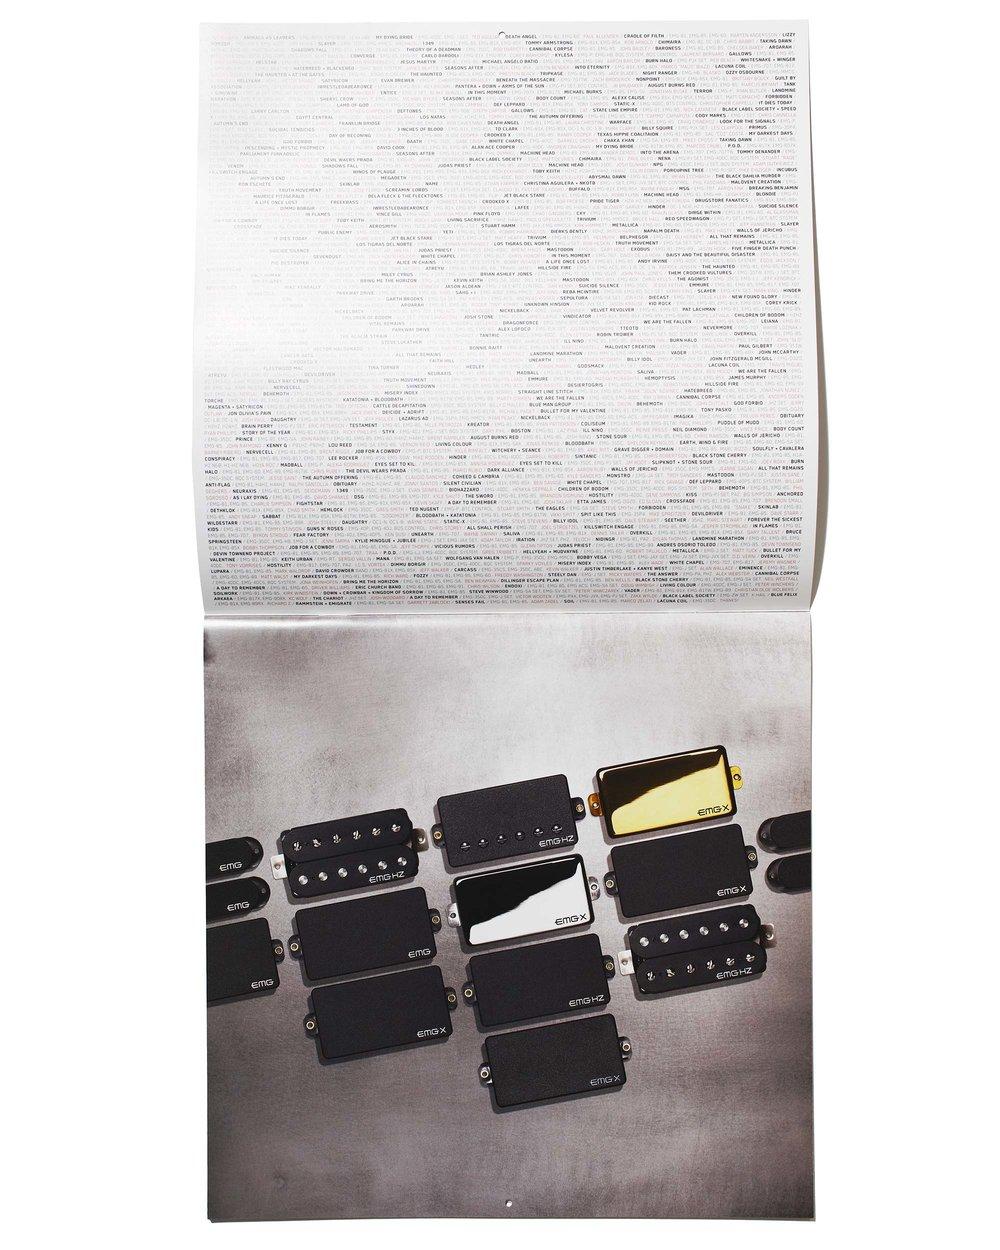 EMG-Calendar-2011-1.jpg